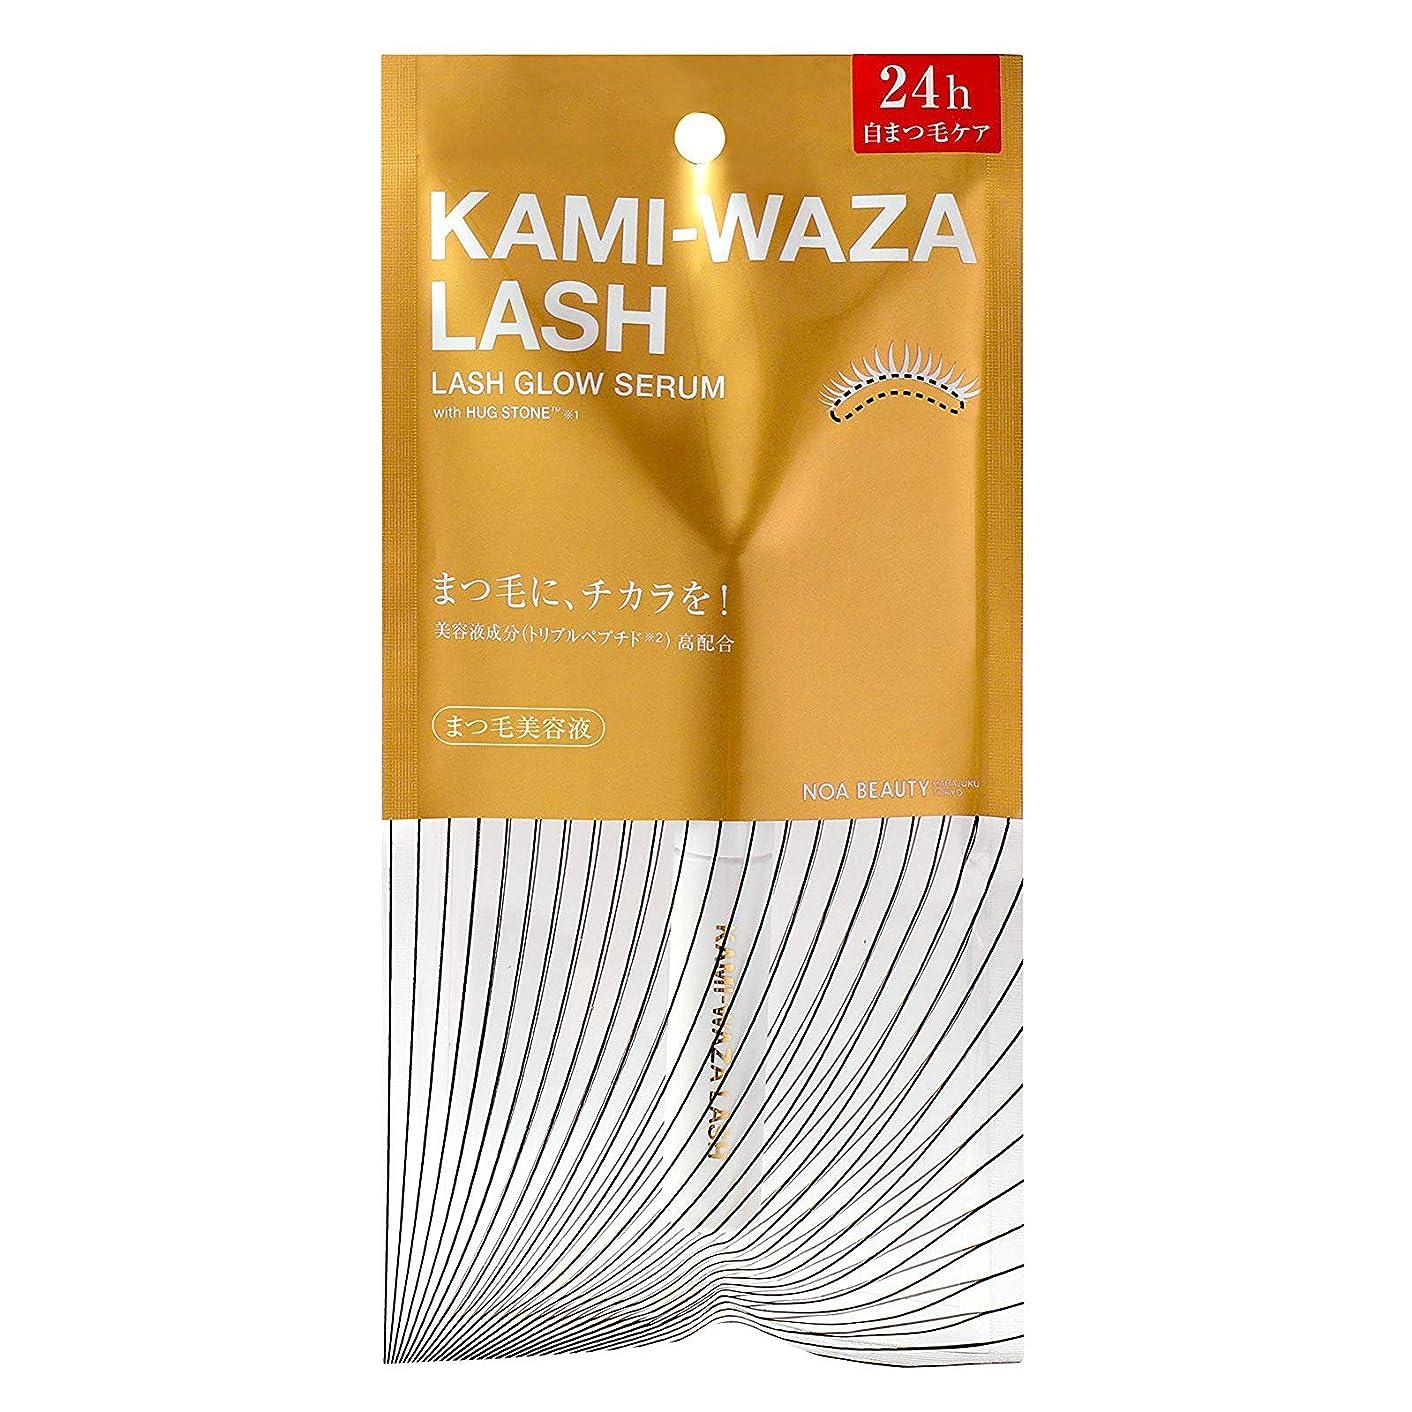 抜本的な海洋傾向があるKAMI-WAZA(カミワザ) LASH 〈まつ毛美容液〉 KWB01 (4.5g)